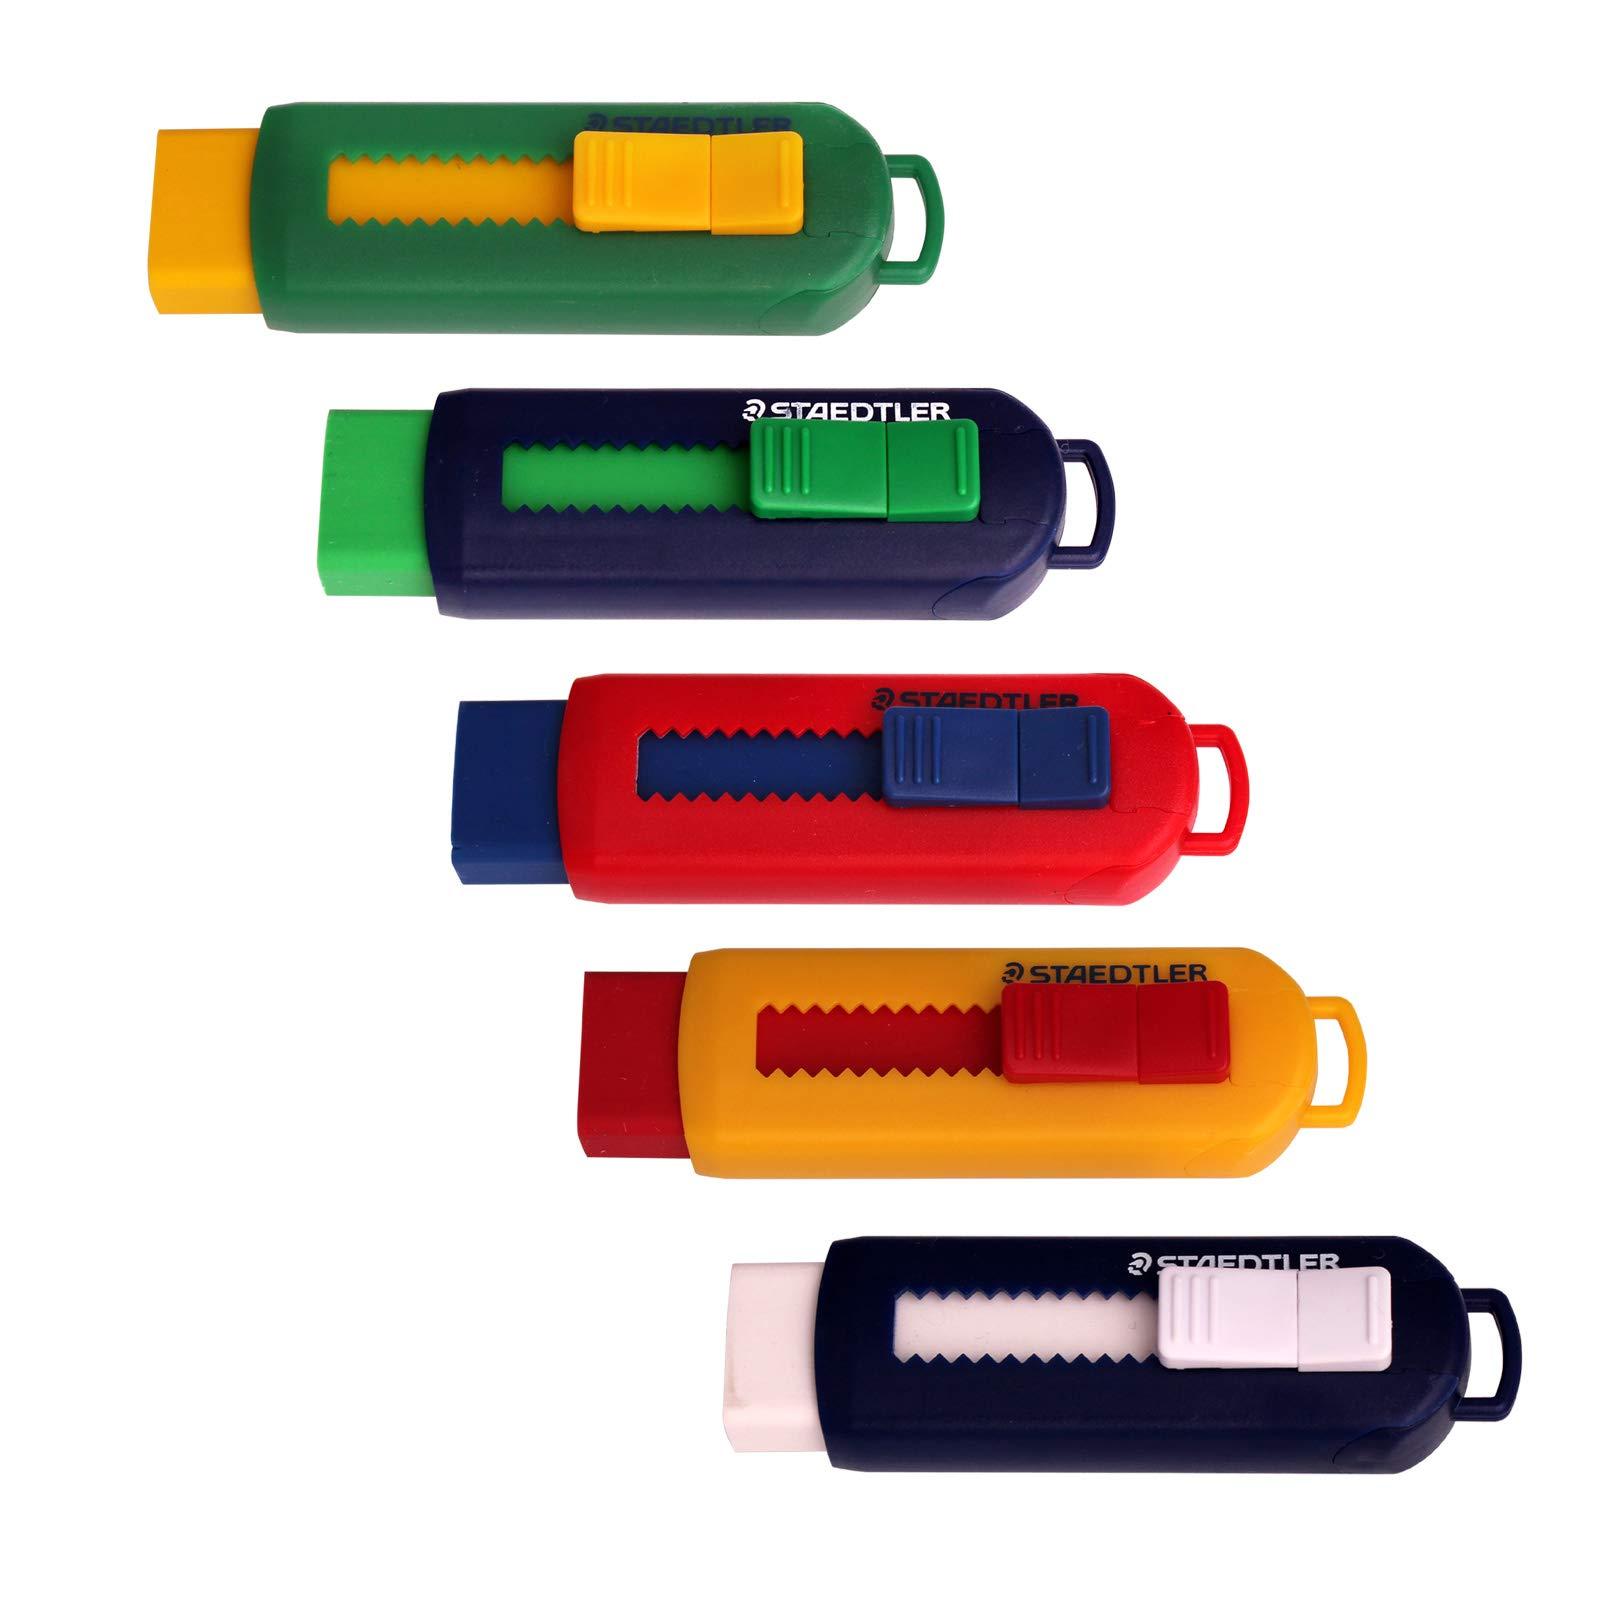 Staedtler Sleeve Sliding Plastic Eraser - Pack of 5 by Using (Image #1)